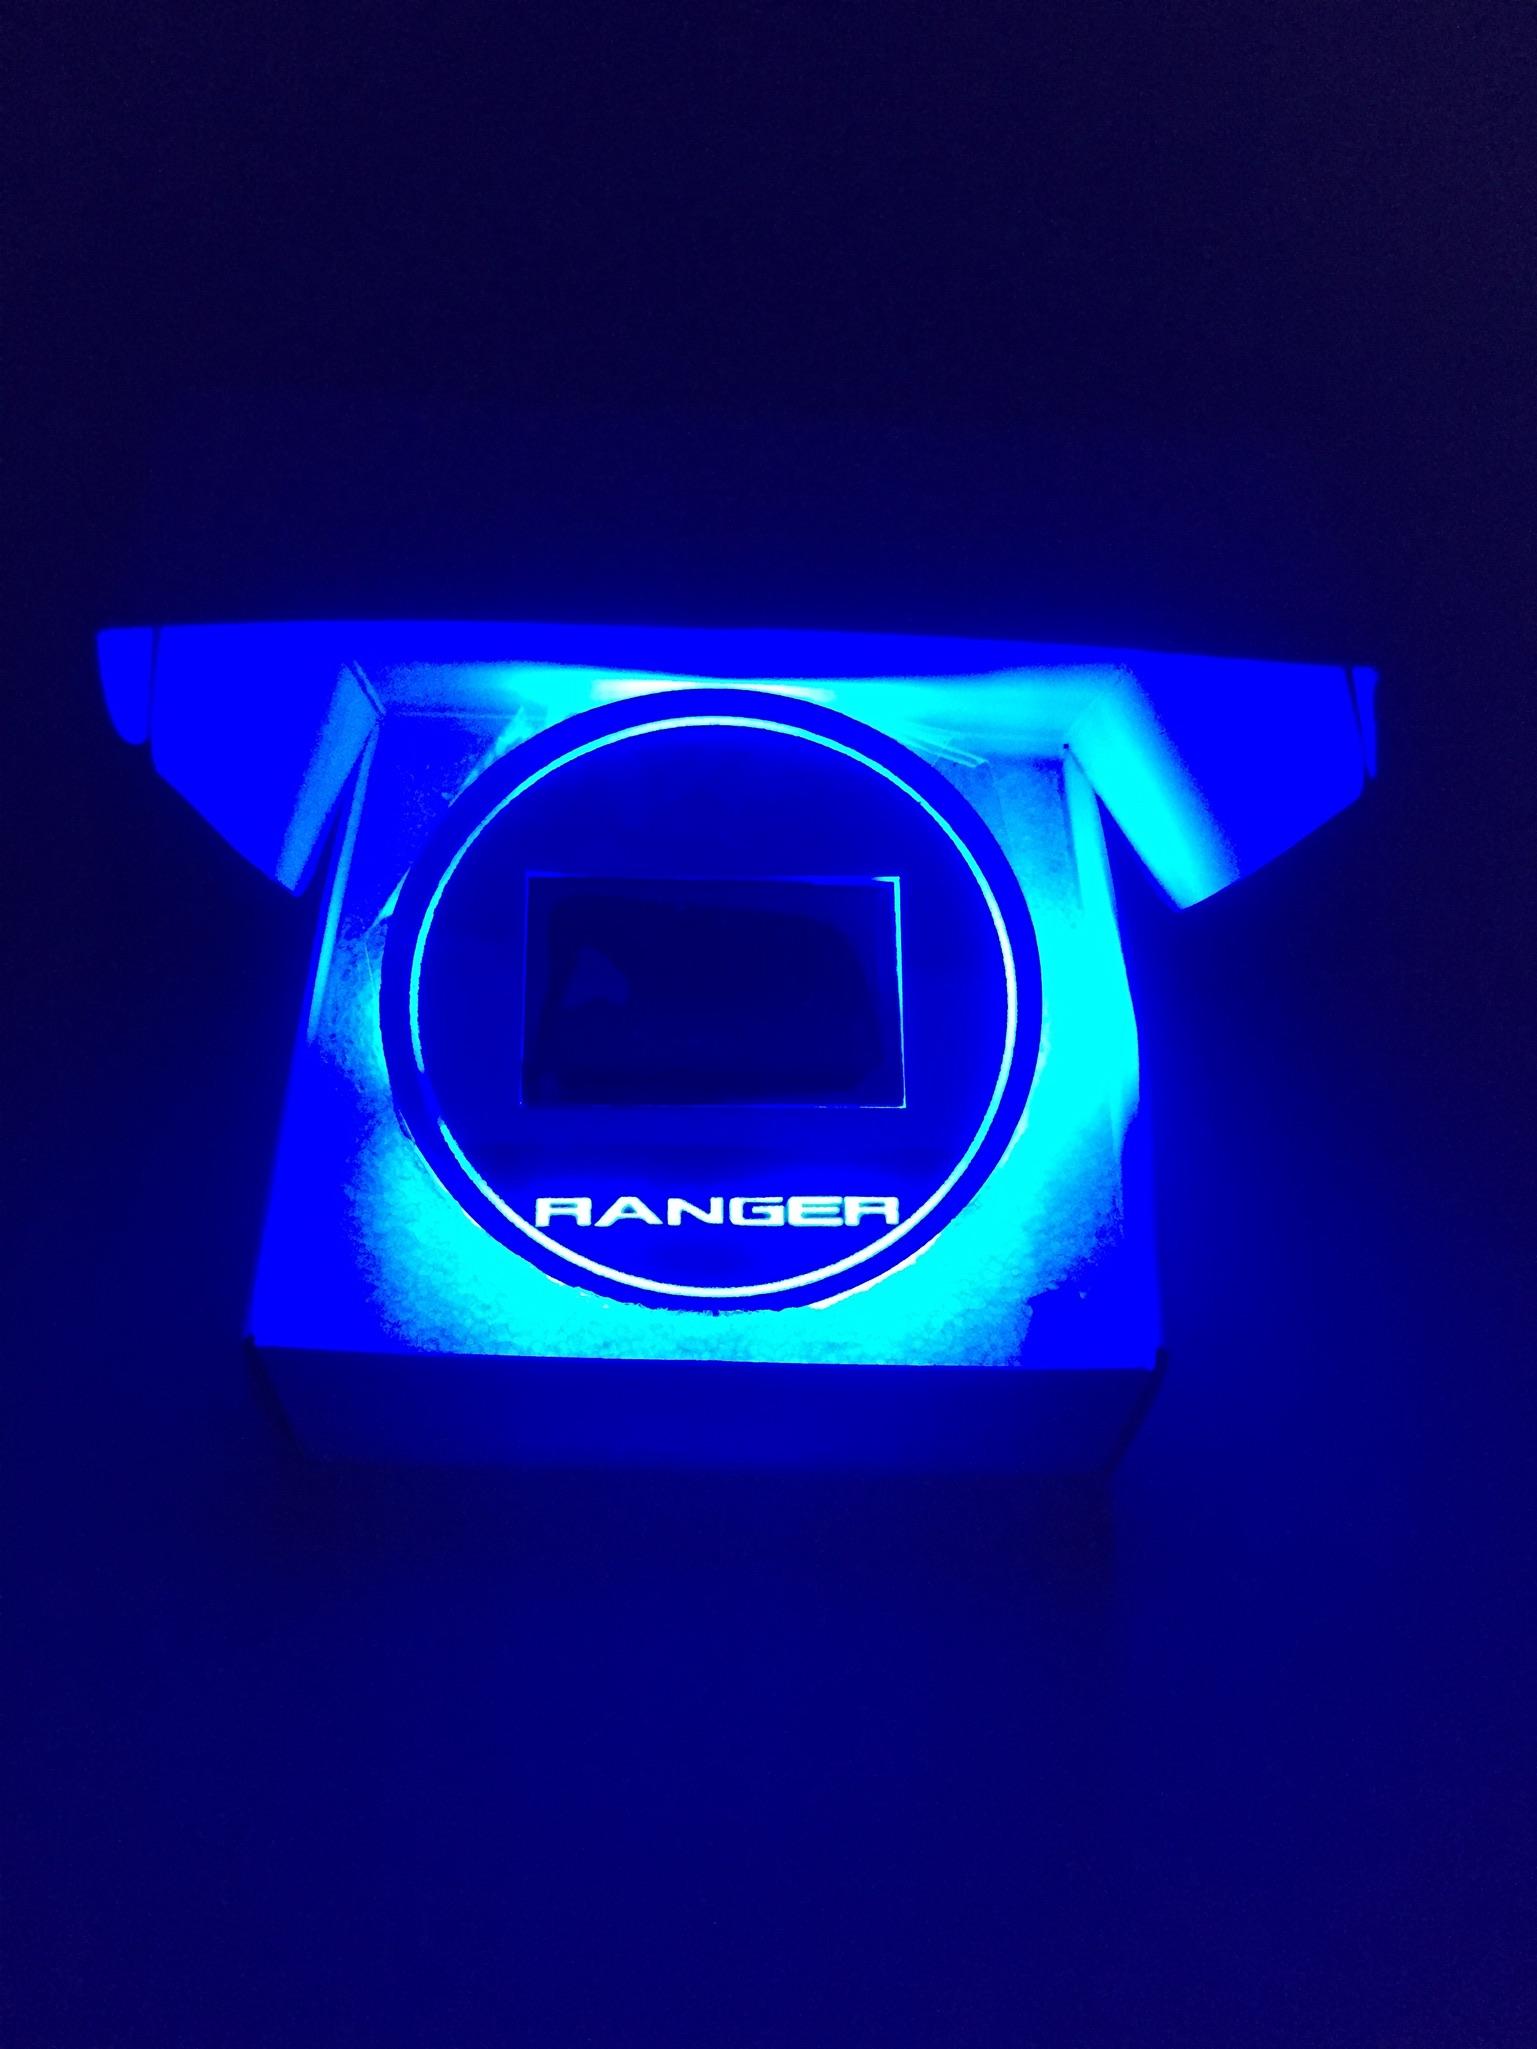 Ranger Blue สีฟ้า